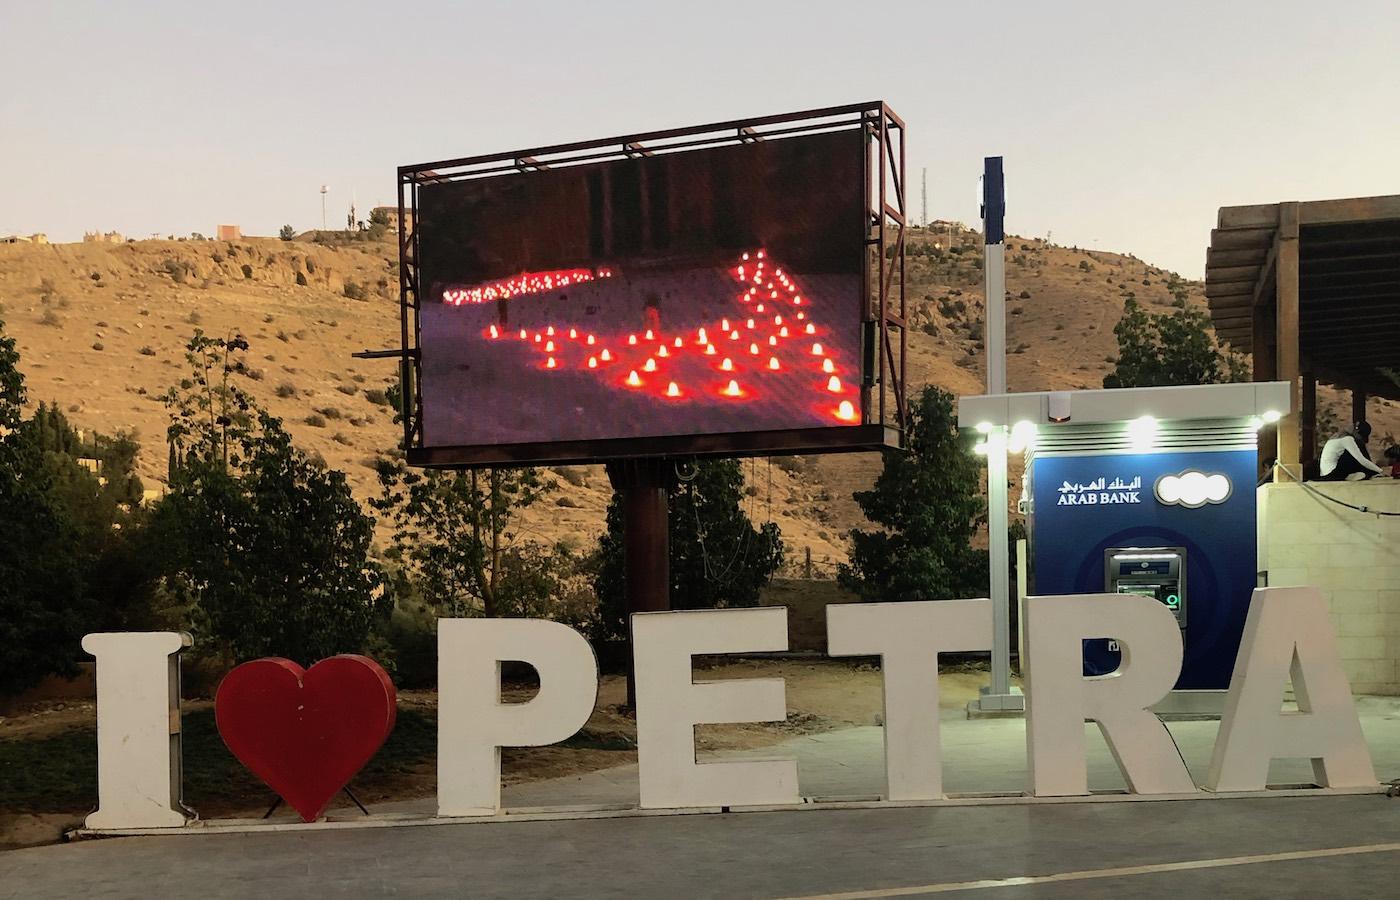 I love Petra